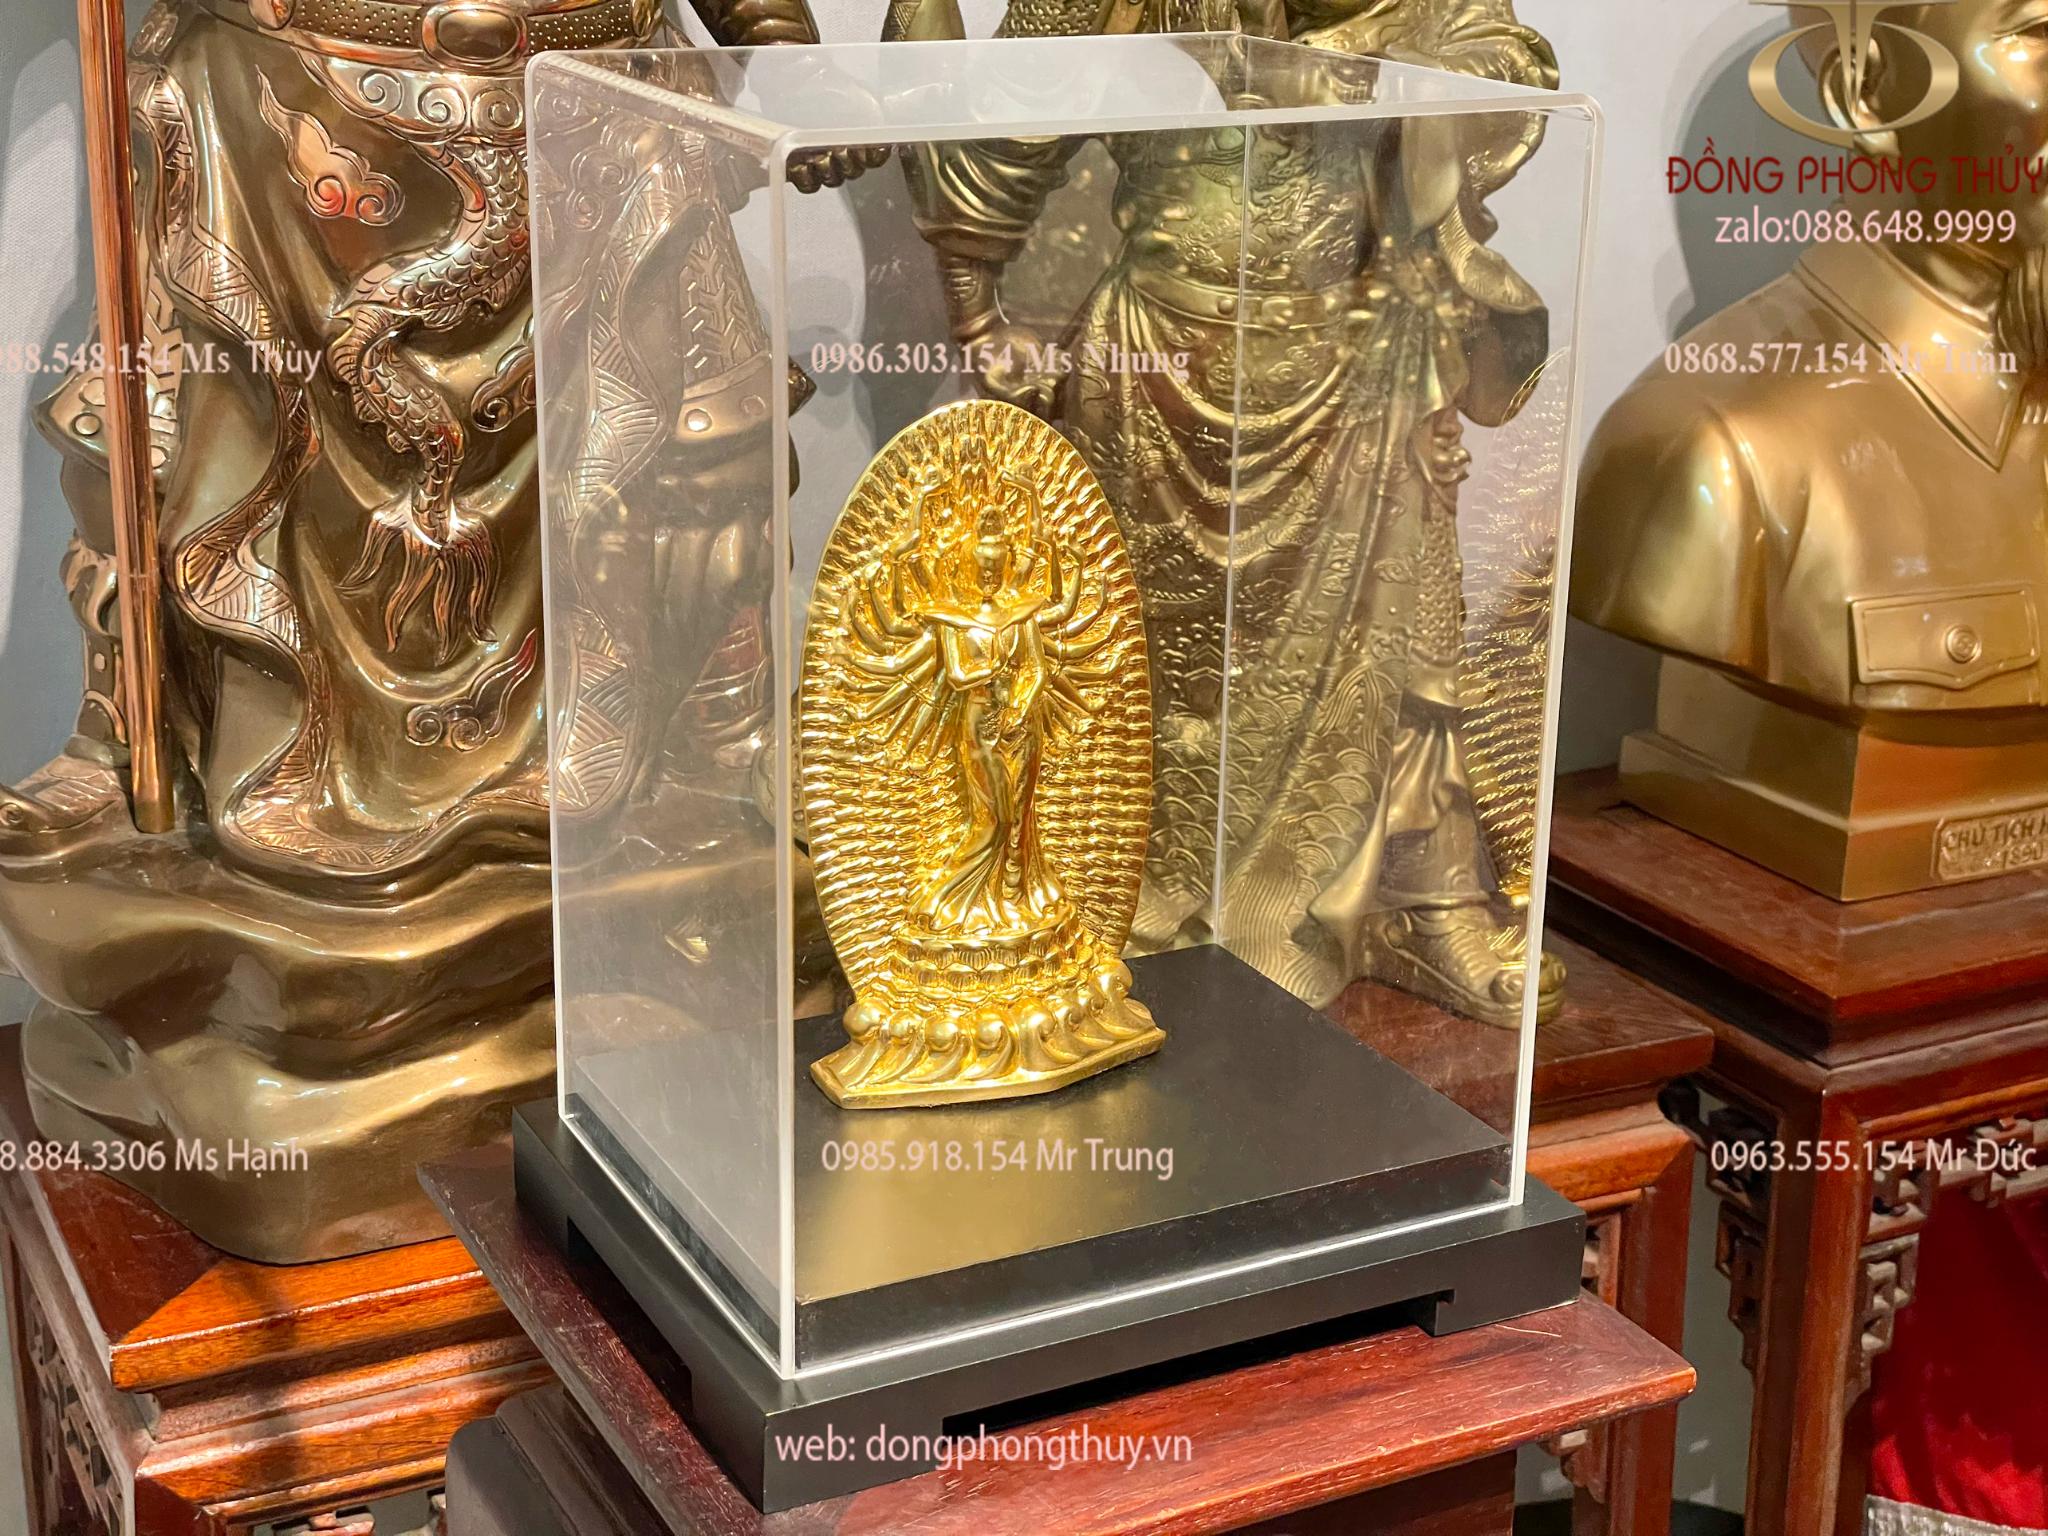 Tượng mẹ quan âm nghìn tay bằng đồng thếp vàng 24k cao 18,5